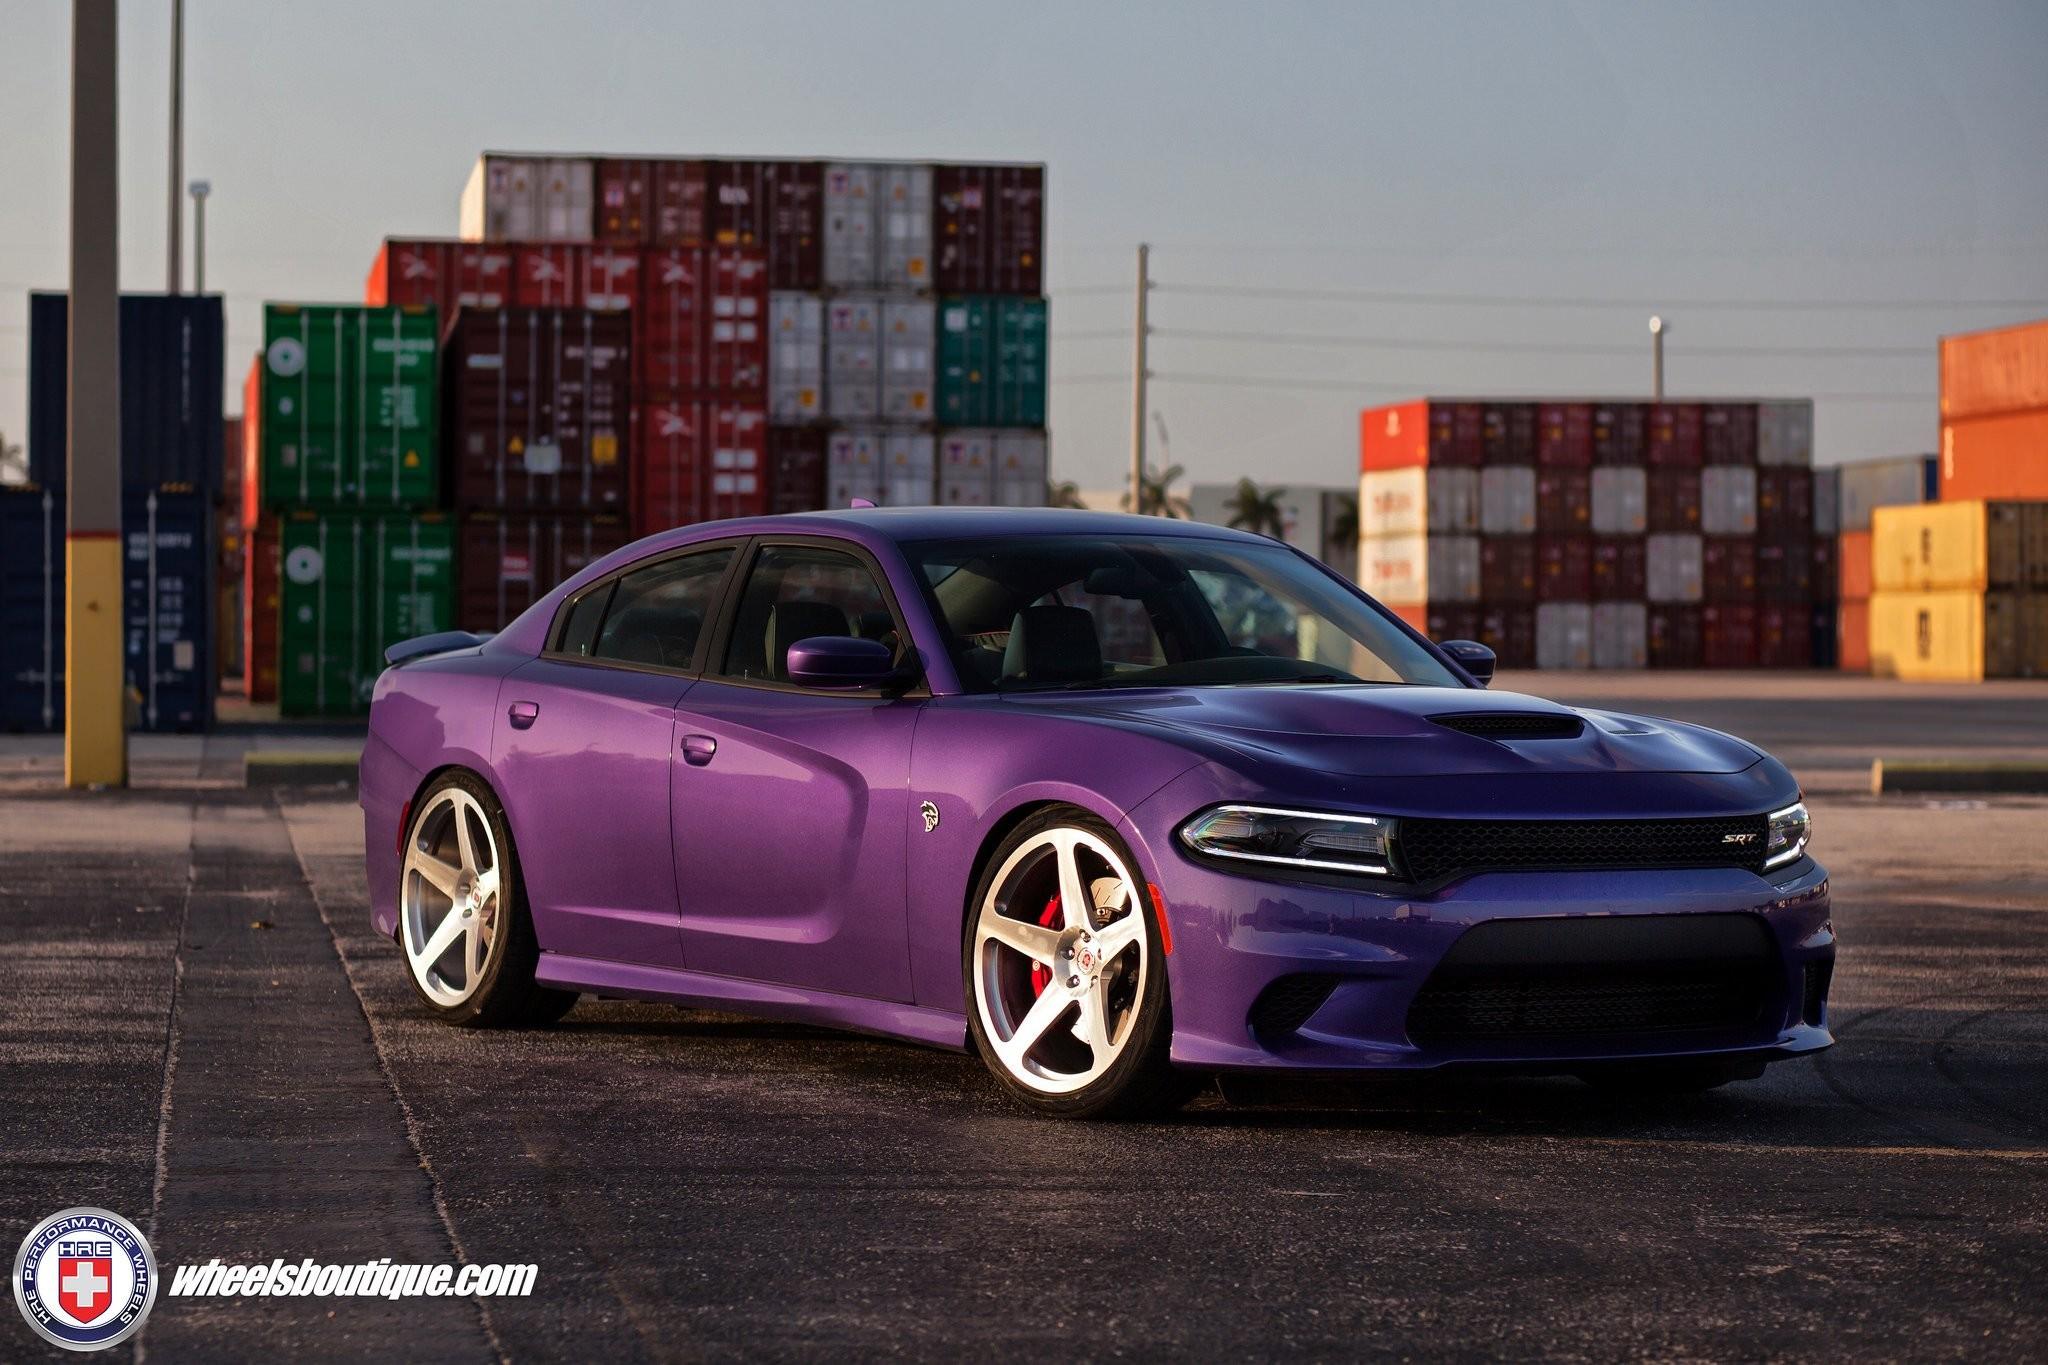 Dodge Charger SRT Hellcat Cars HRE wheels wallpaper | | 966659 |  WallpaperUP